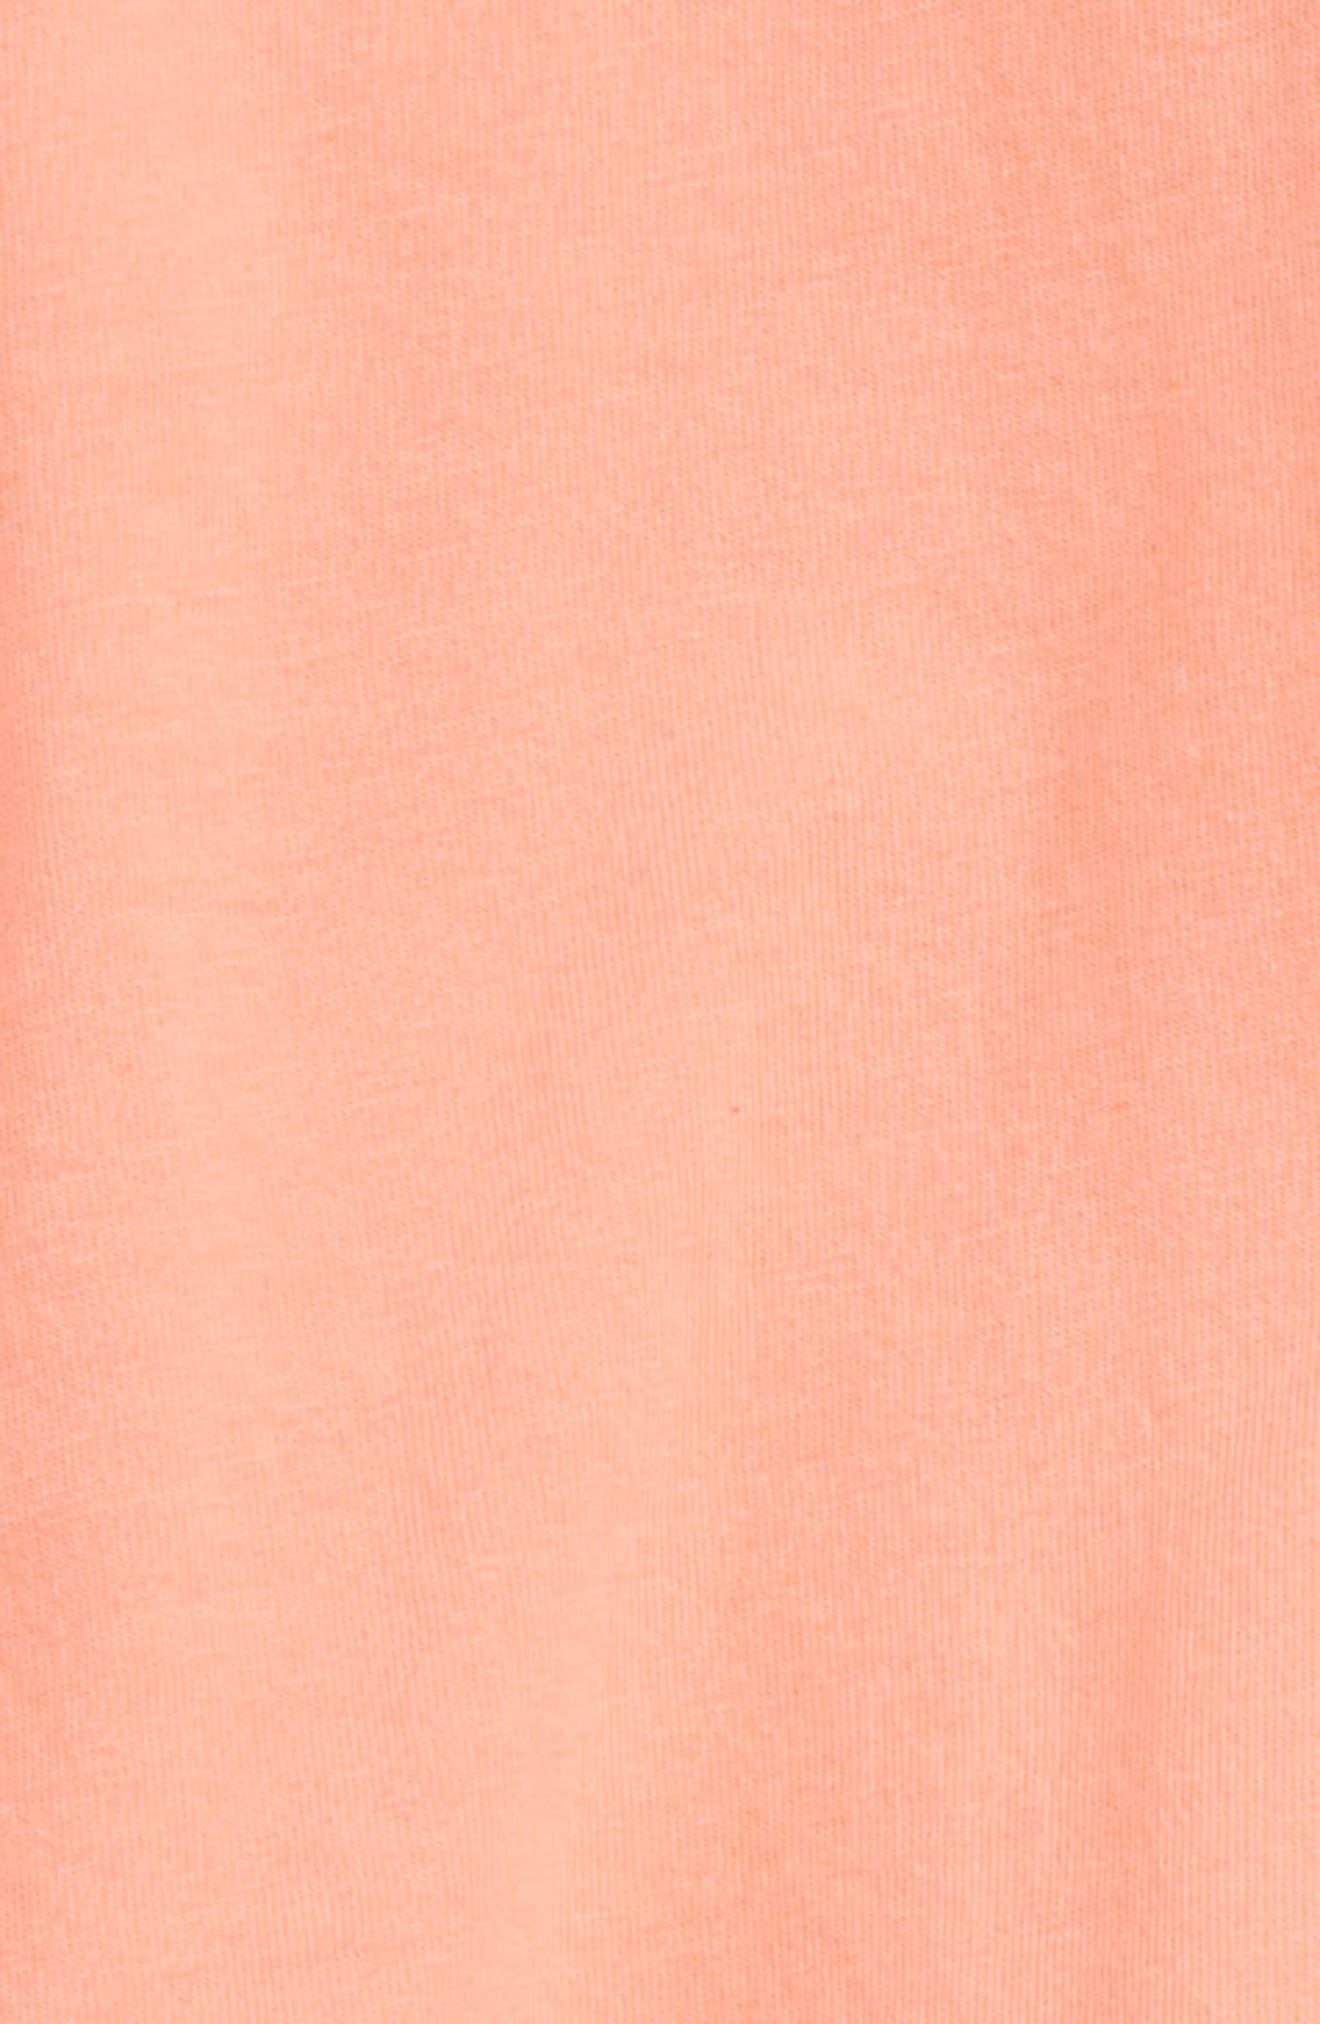 Flutter Sleeve Tee & Skirted Leggings Set,                             Alternate thumbnail 2, color,                             Lipgloss